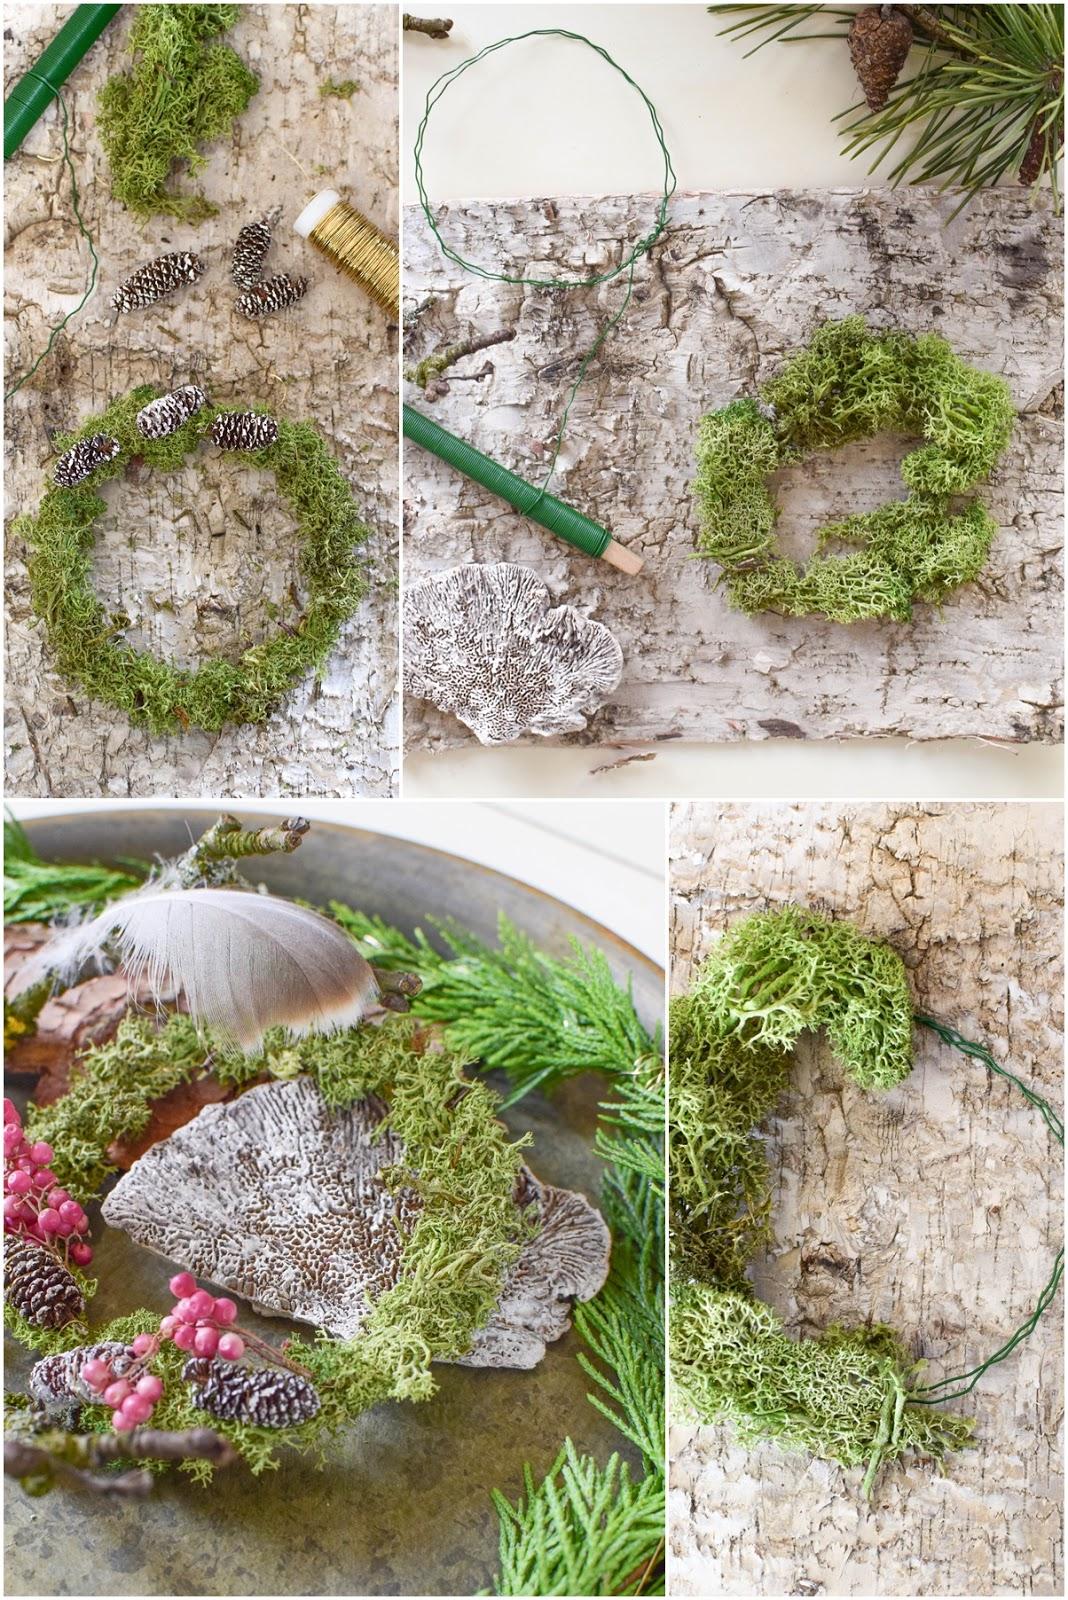 Innenarchitektur Moos Badematte Foto Von Great Diy Mini Mooskranz Einfach Selber Machen